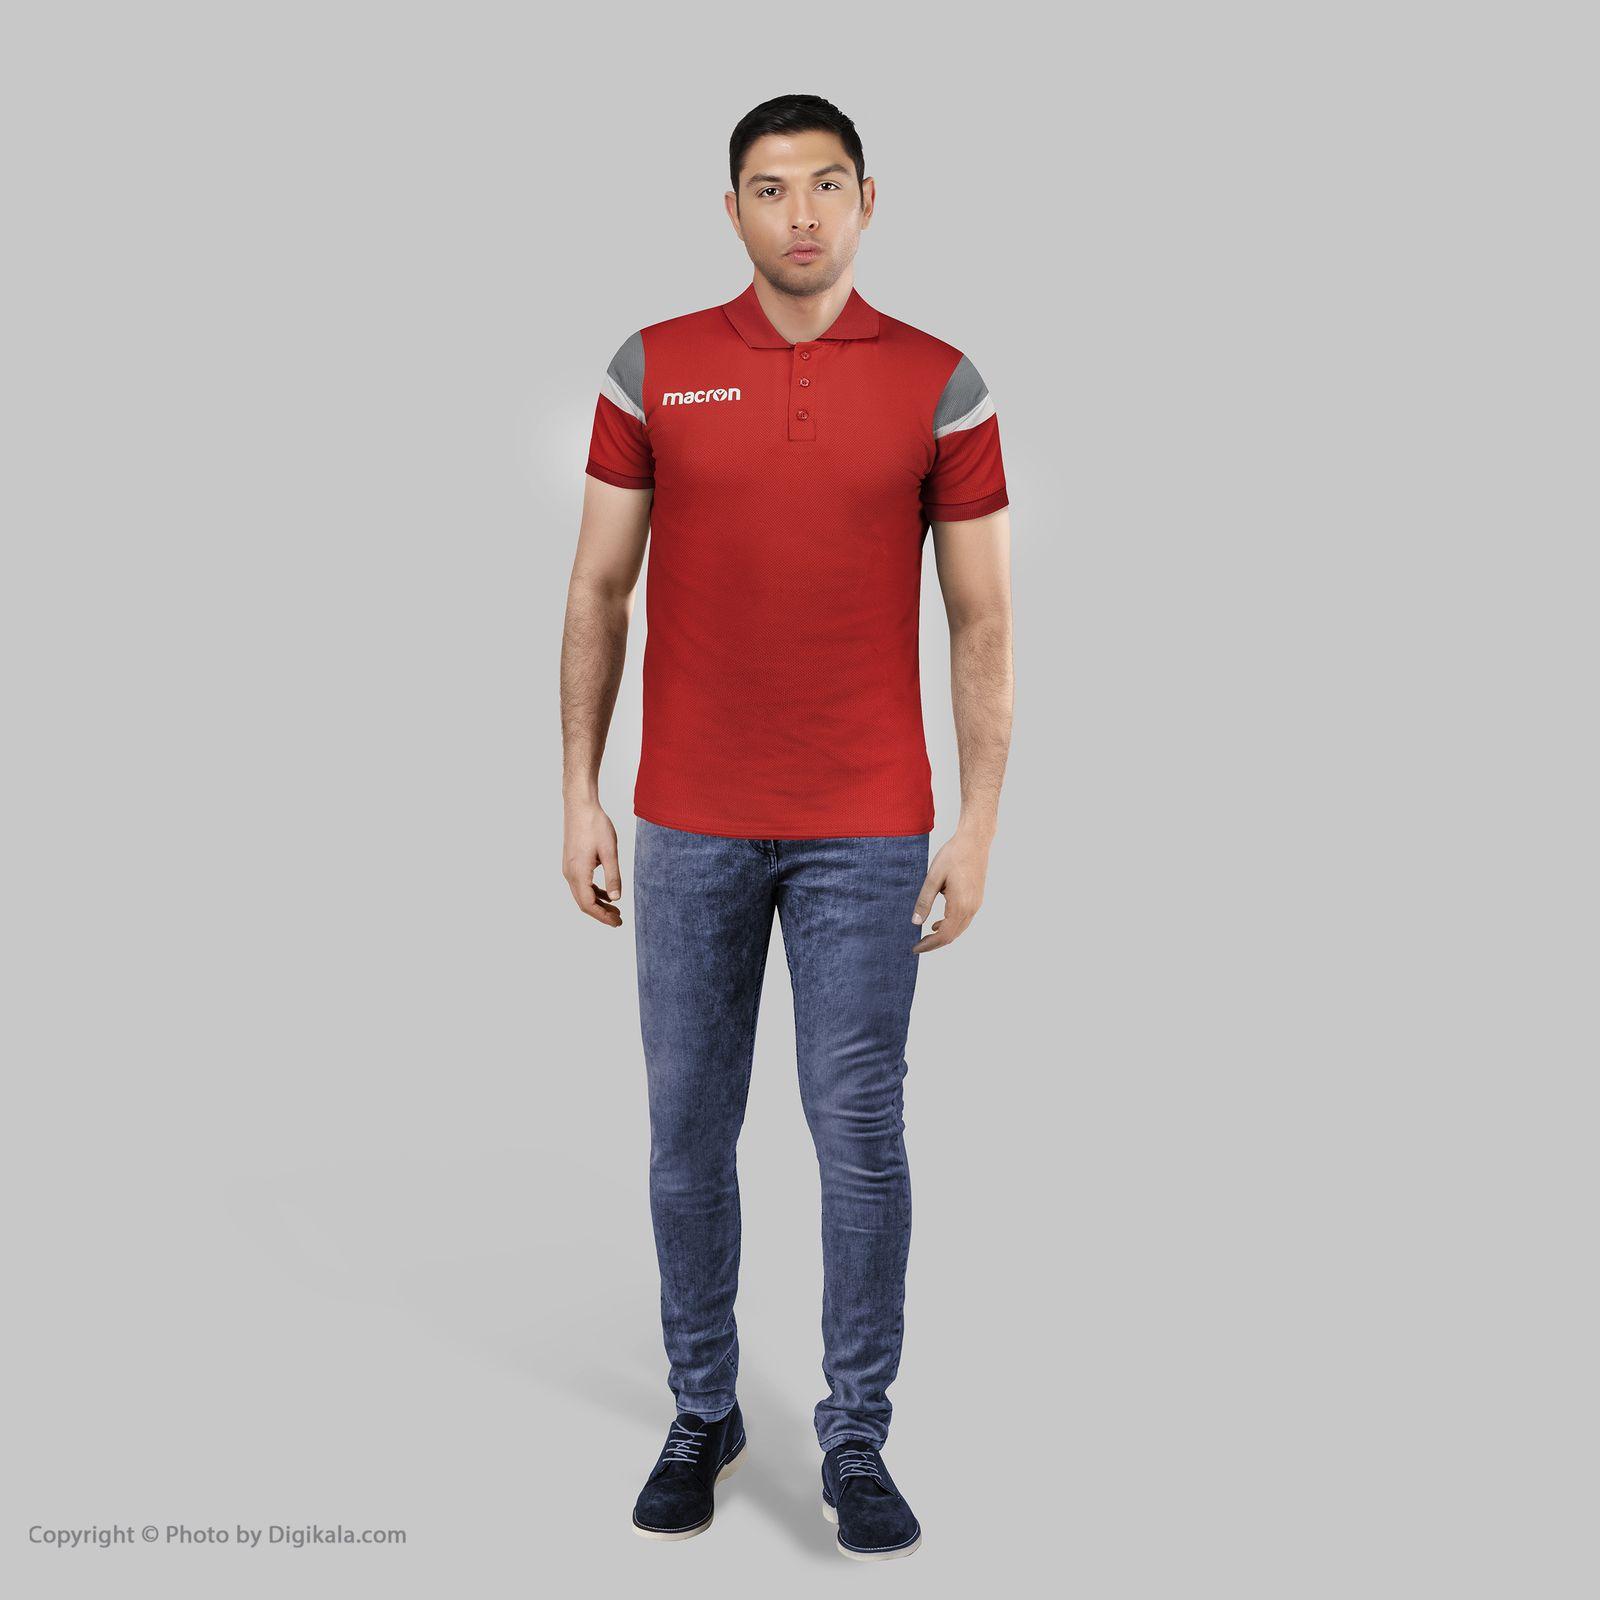 پولوشرت ورزشی مردانه مکرون مدل شوفار کد 35020-72 -  - 8